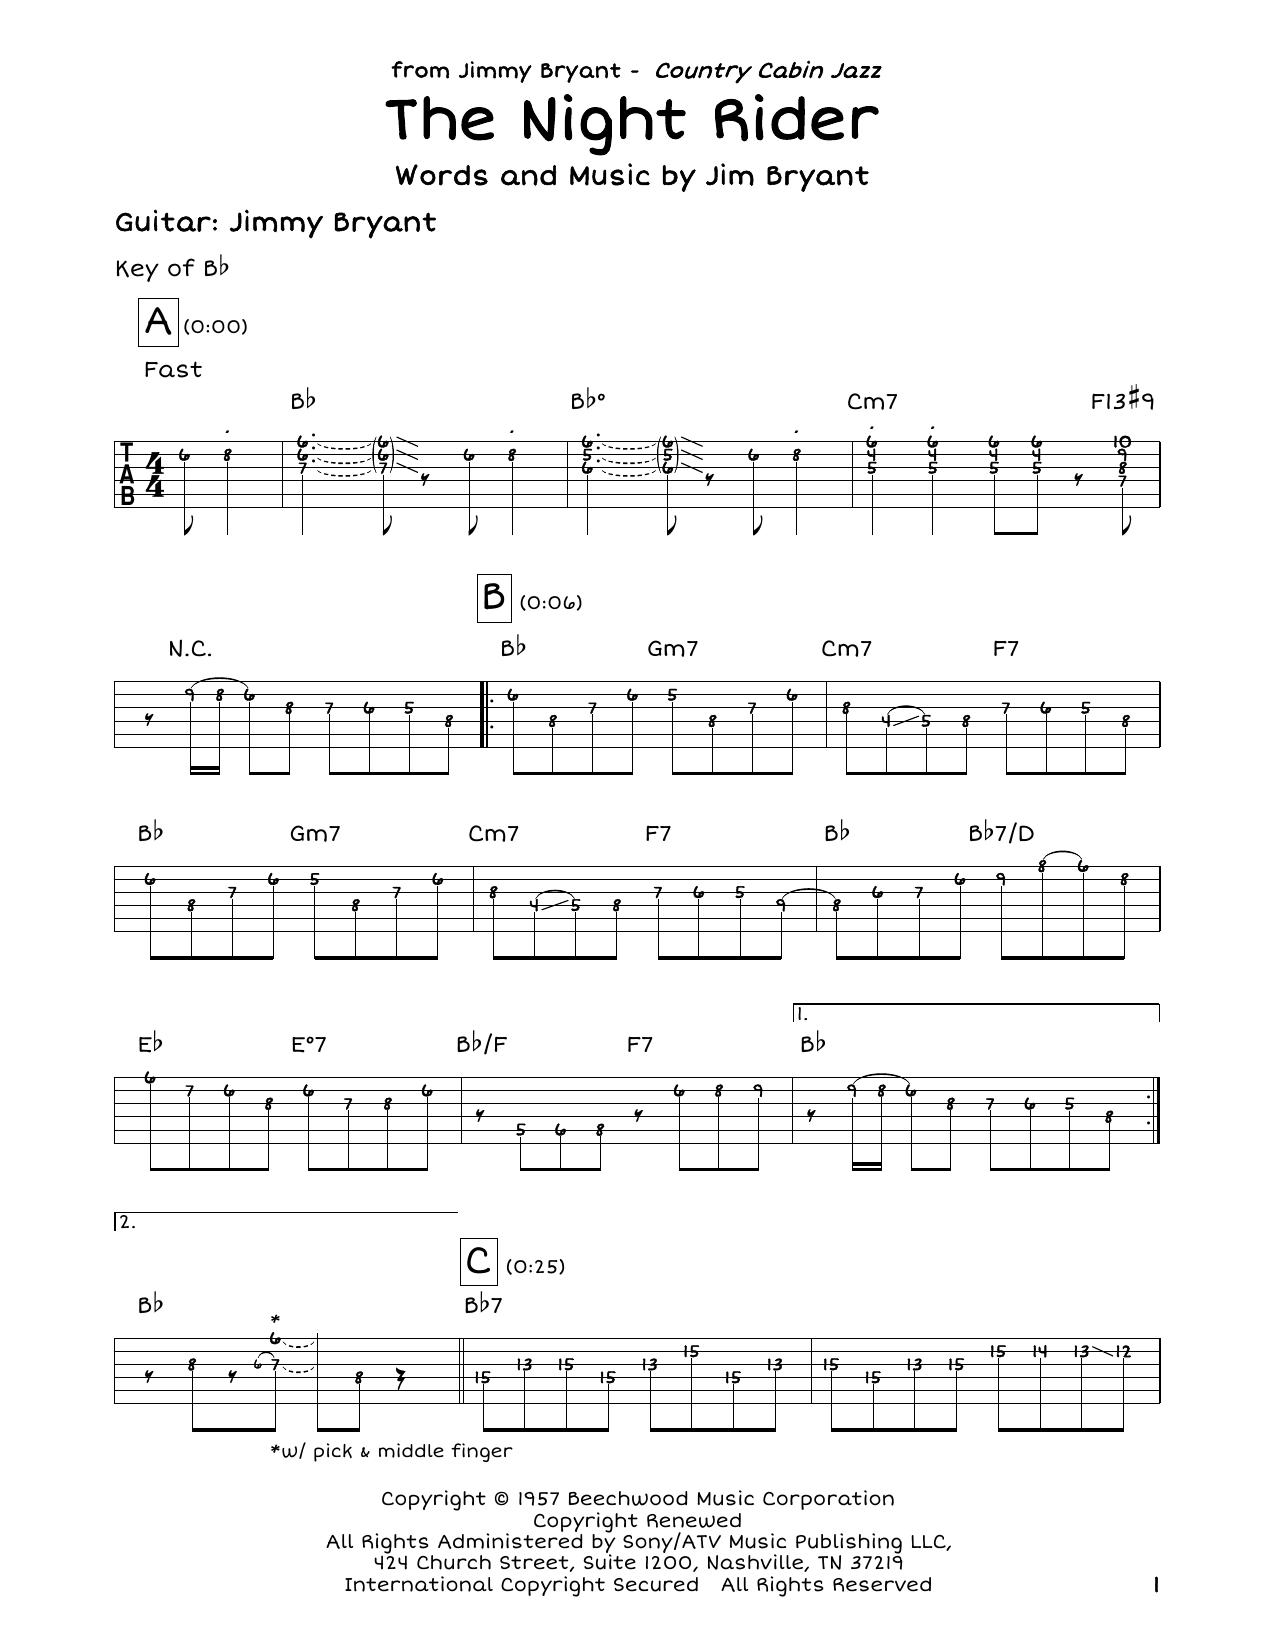 The Night Rider Sheet Music